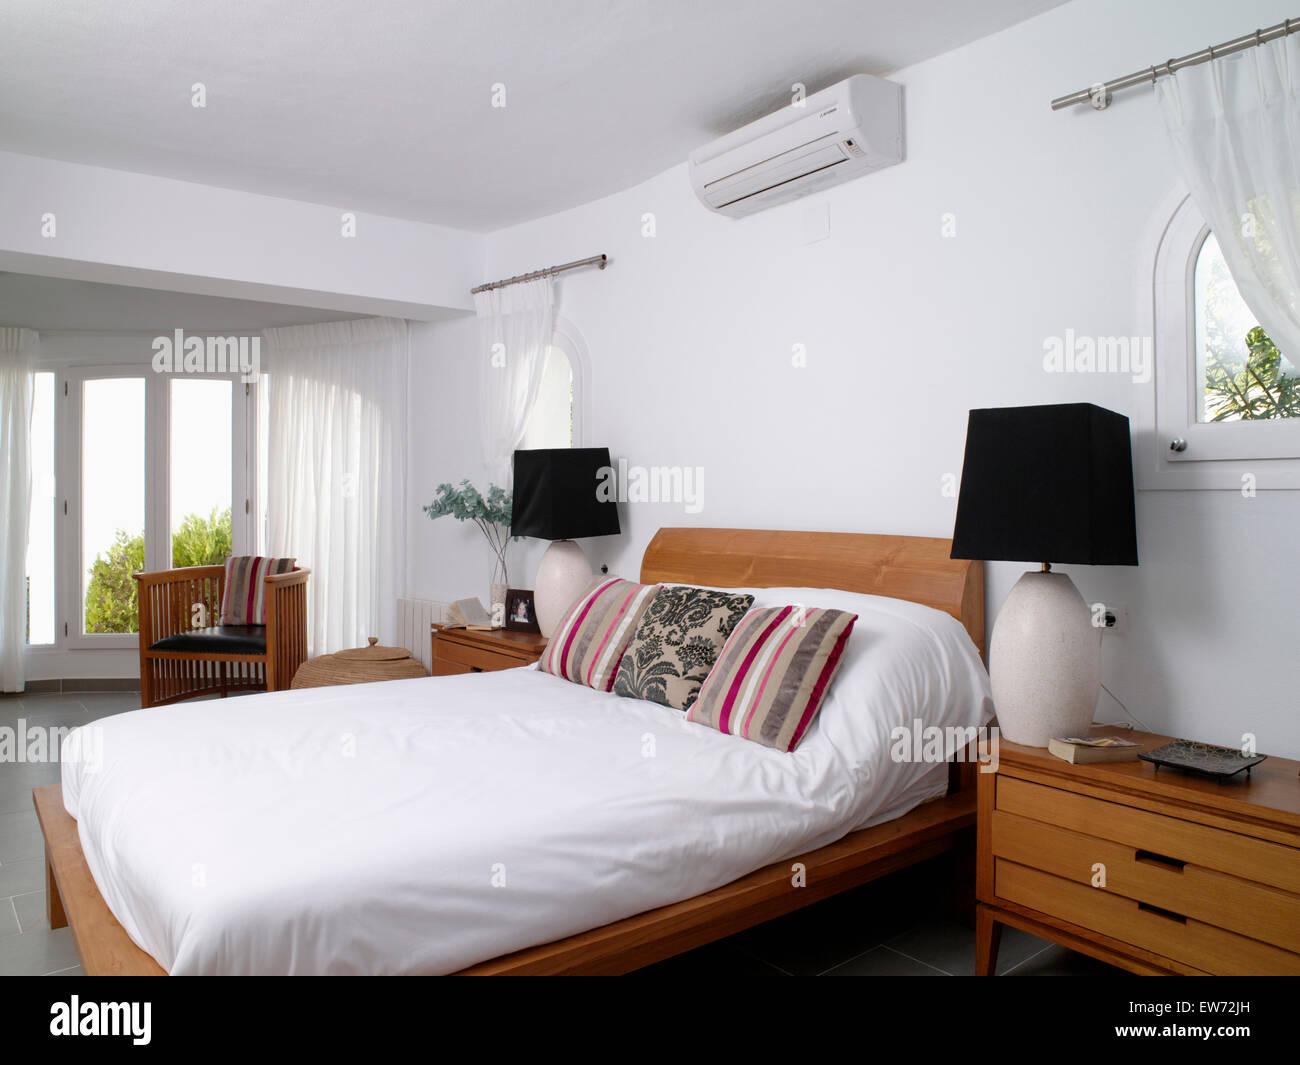 Aria condizionata piccola unità sopra il letto con piumone e cuscini